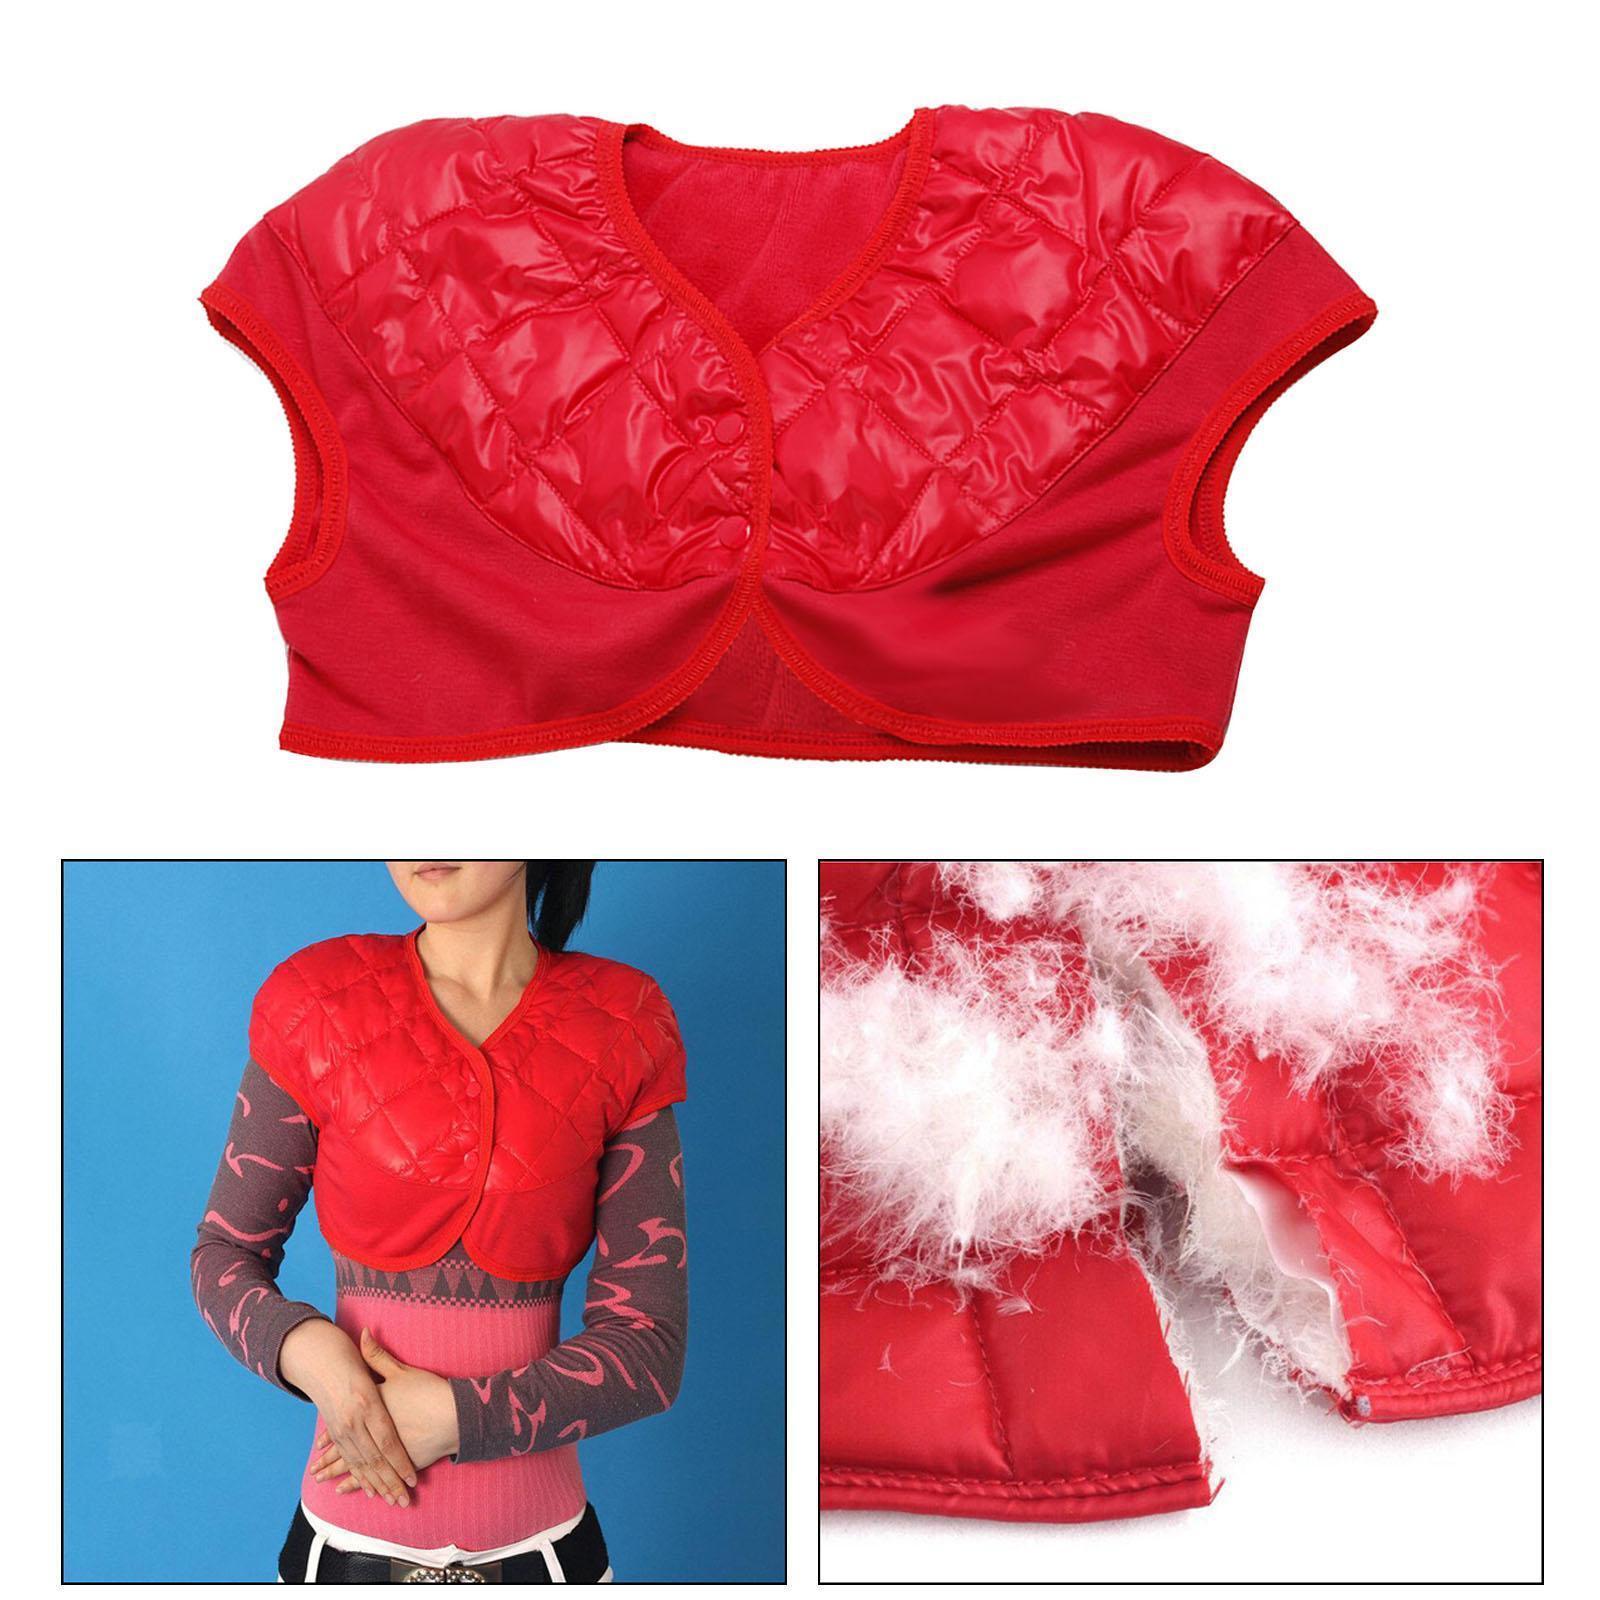 Femmes-Hommes-Down-Jacket-Chaud-Manteau-Court-Epaule-Chaud-Thermique-Wrap miniatura 5